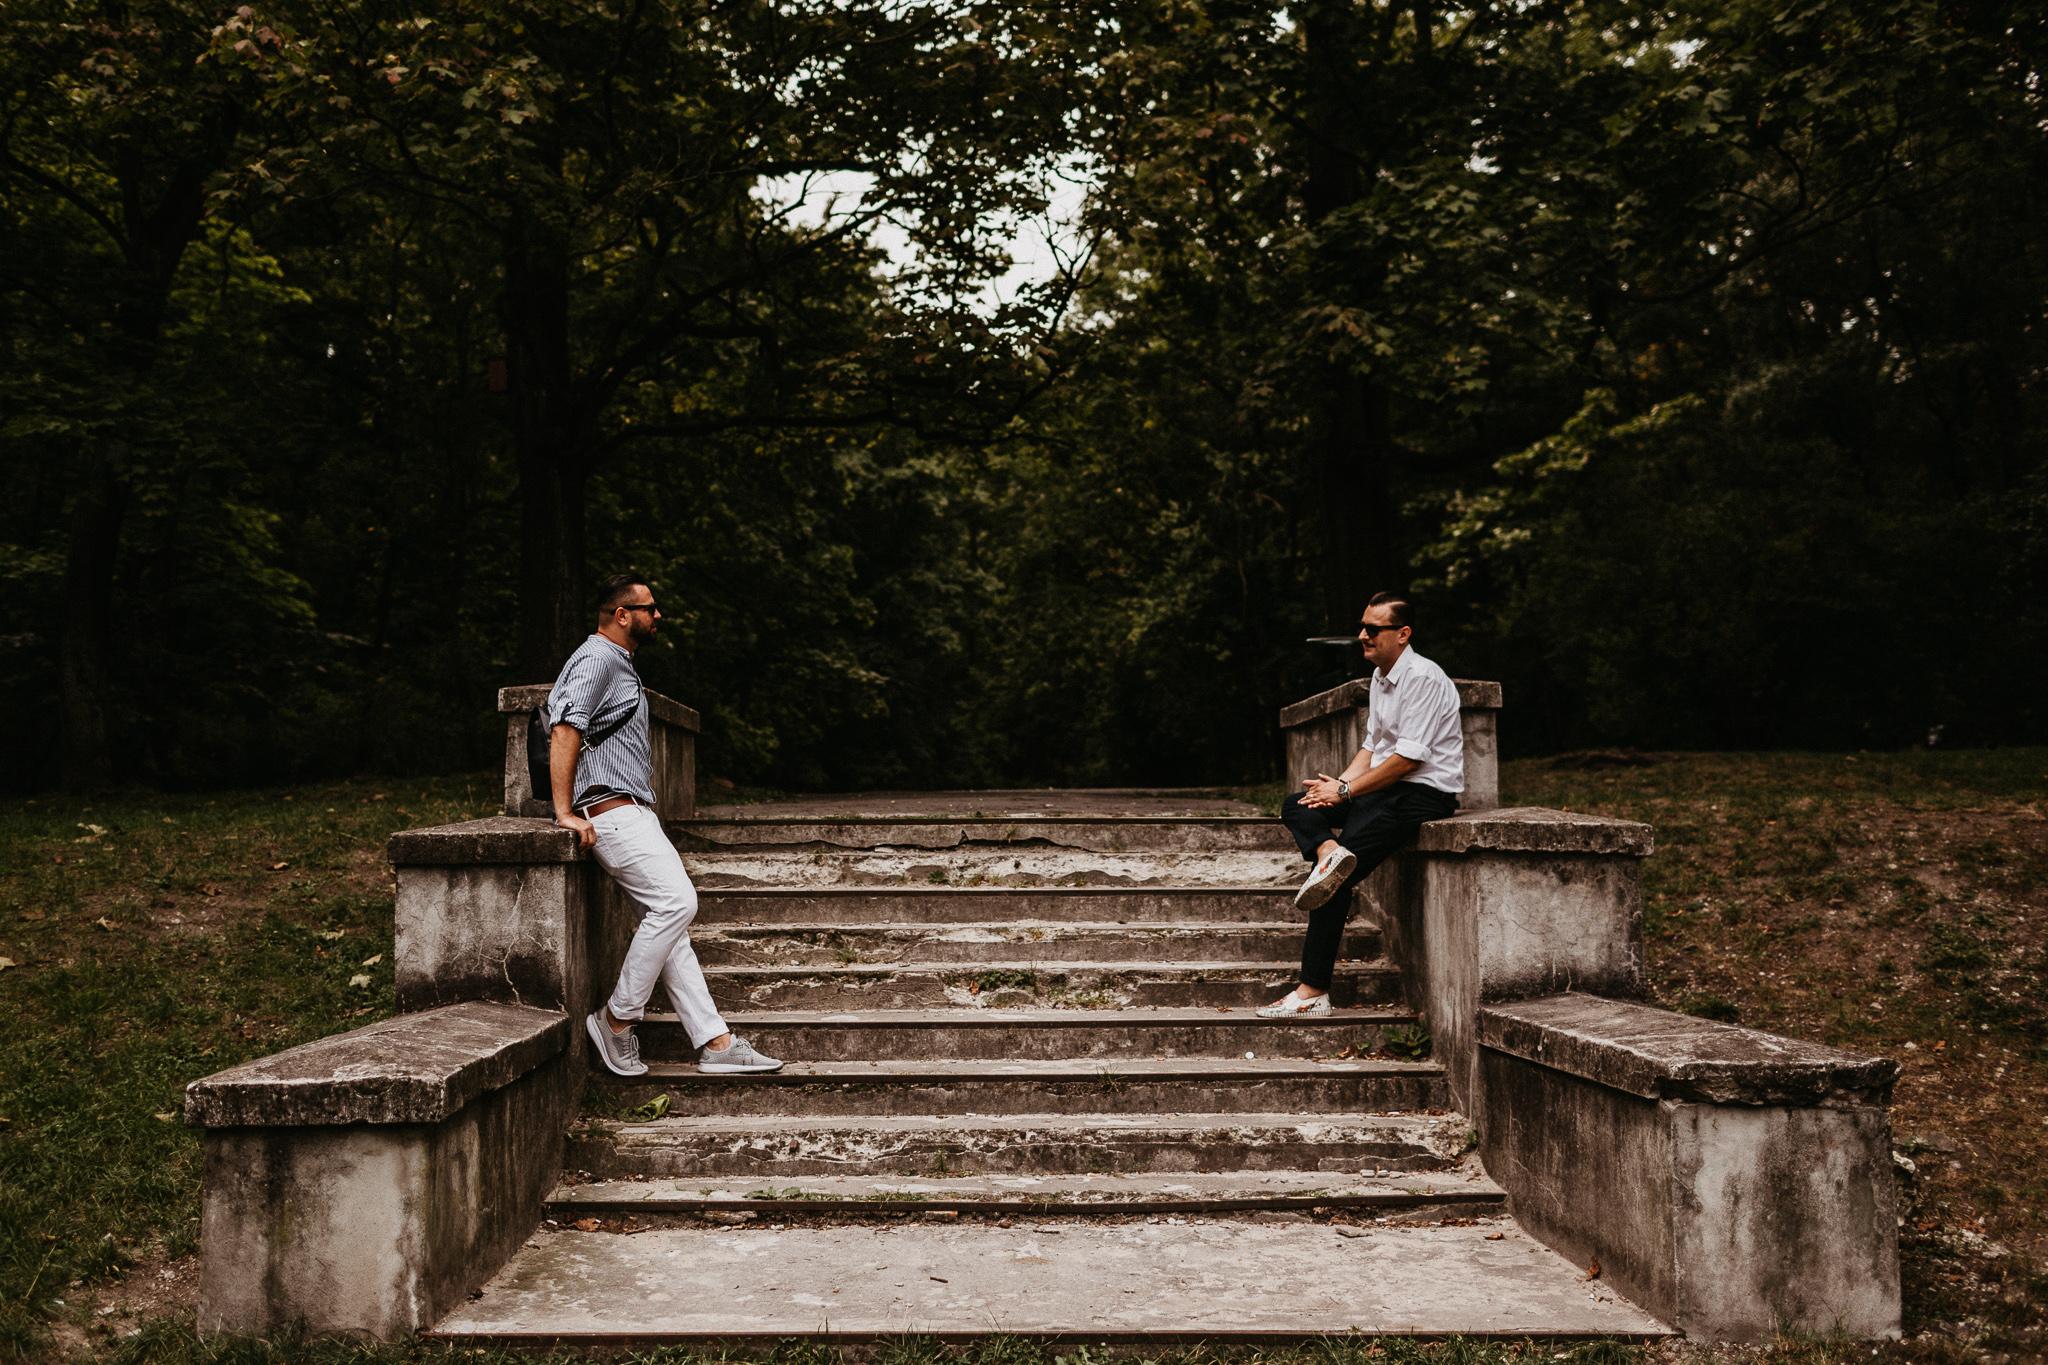 Damian & Daniel <br>Ślub humanistyczny<br>w Krakowie 19